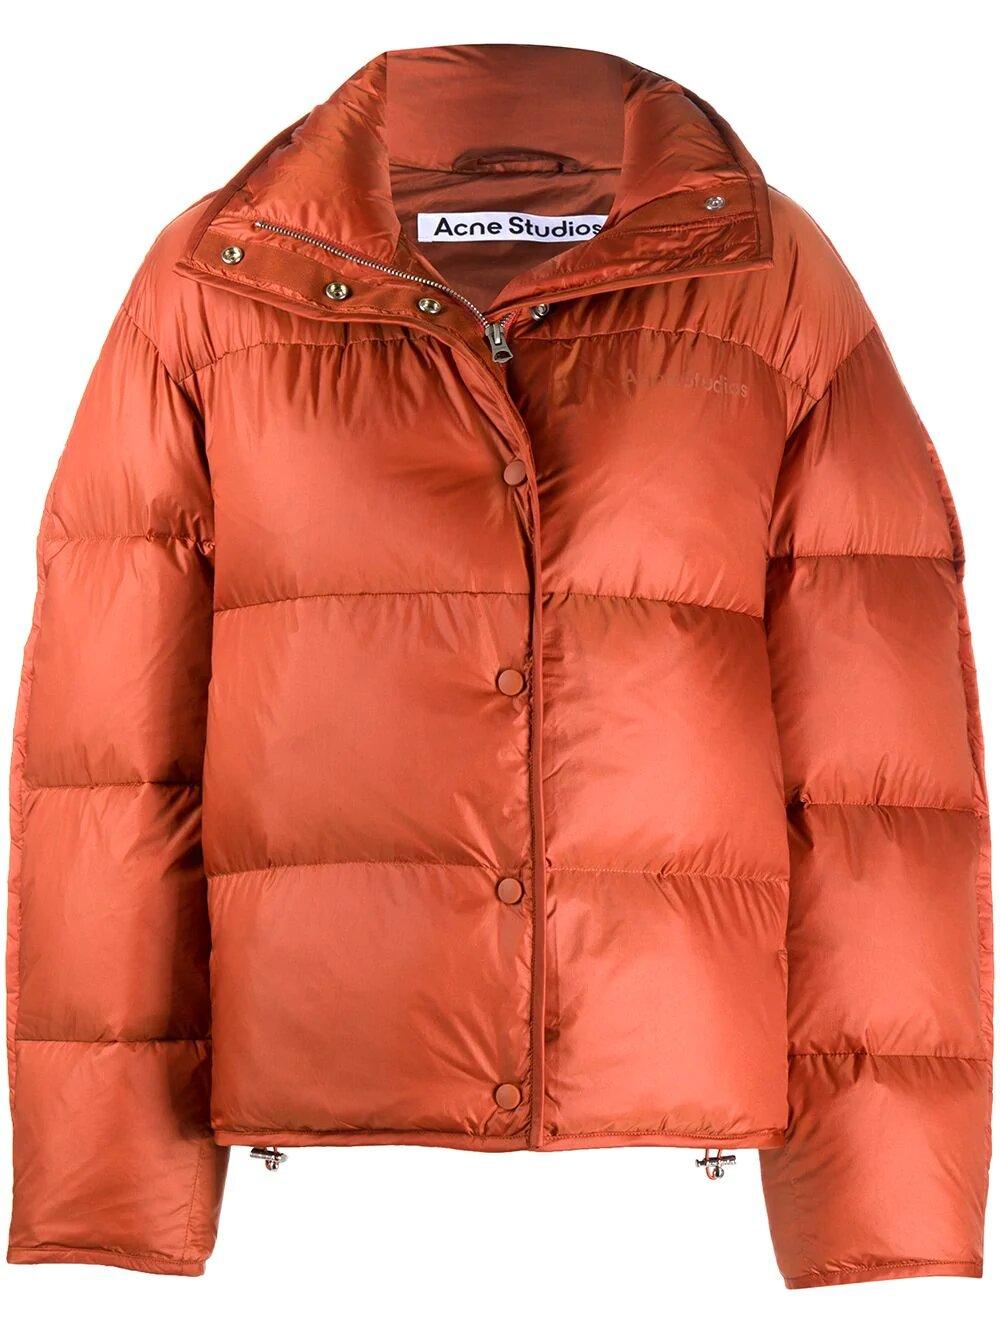 Acne Studios, Сlassic puffer jacket 1538лв